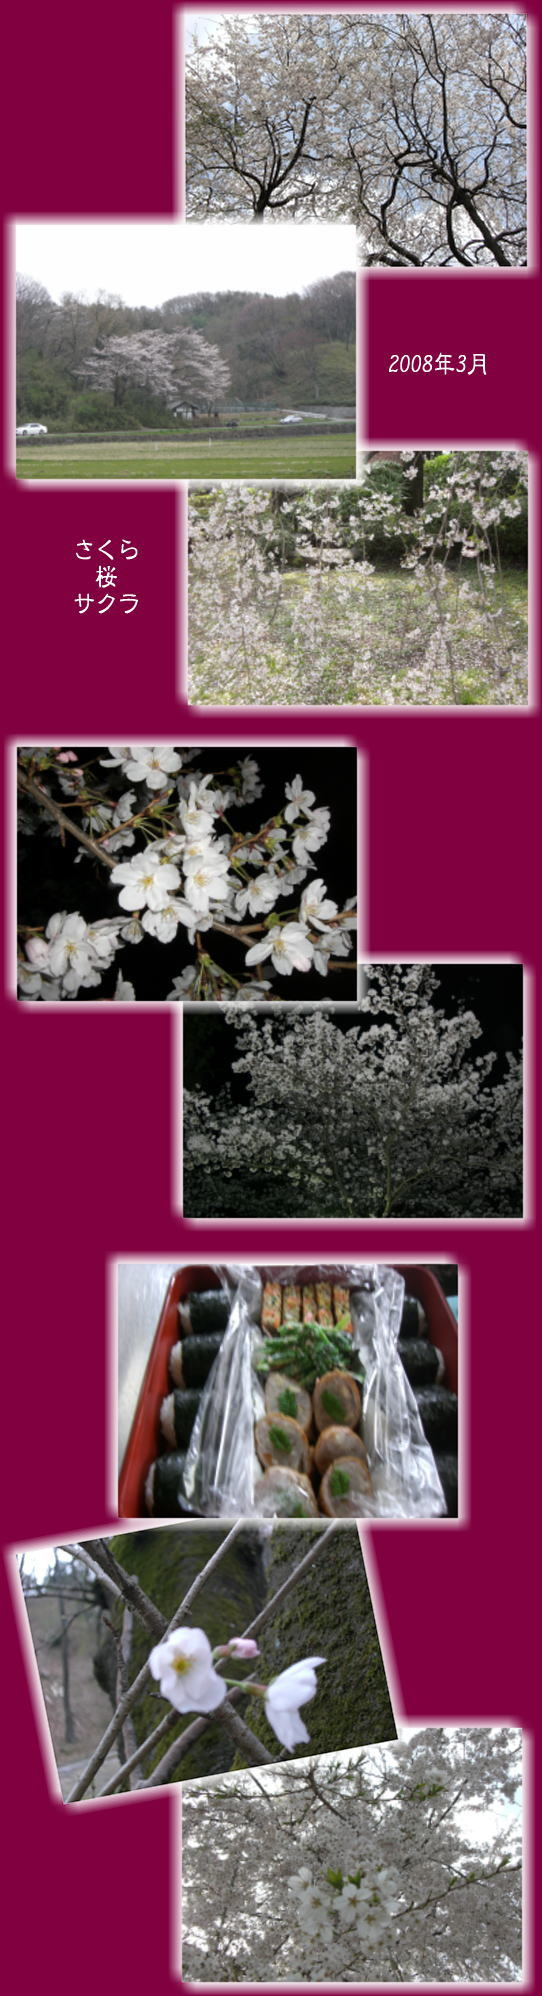 さくら桜サクラ